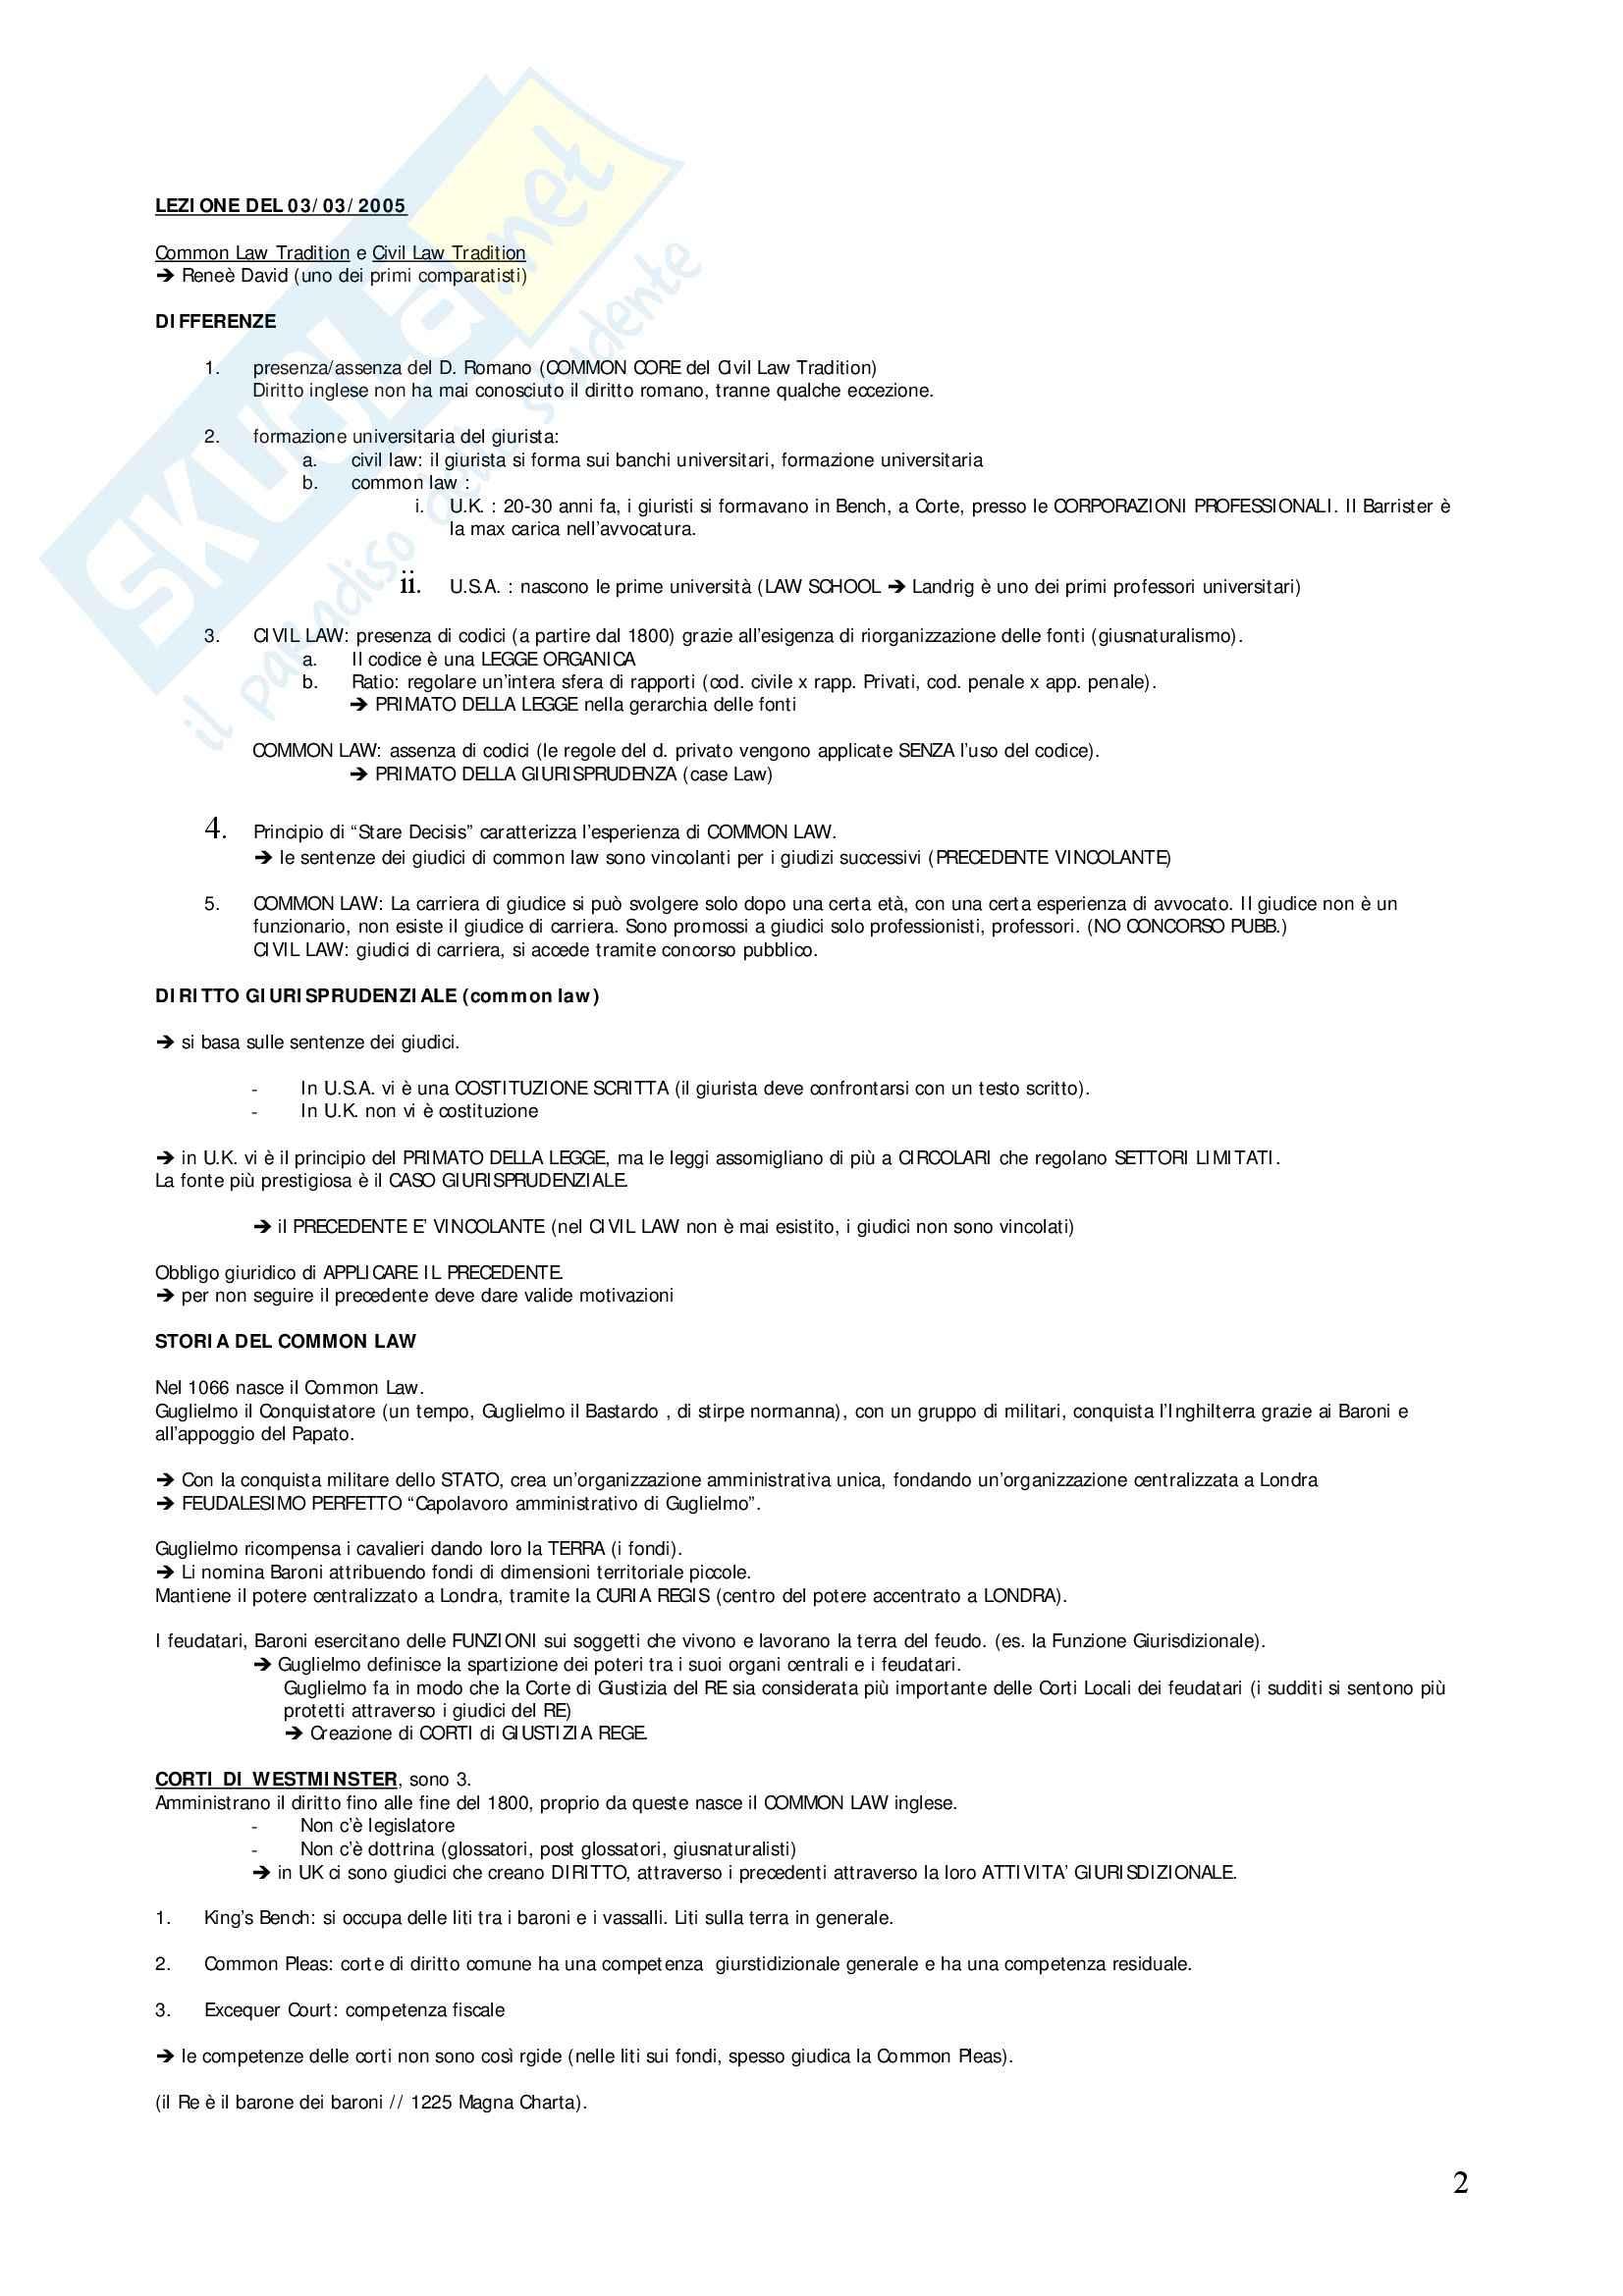 Diritto privato comparato - Appunti Pag. 2